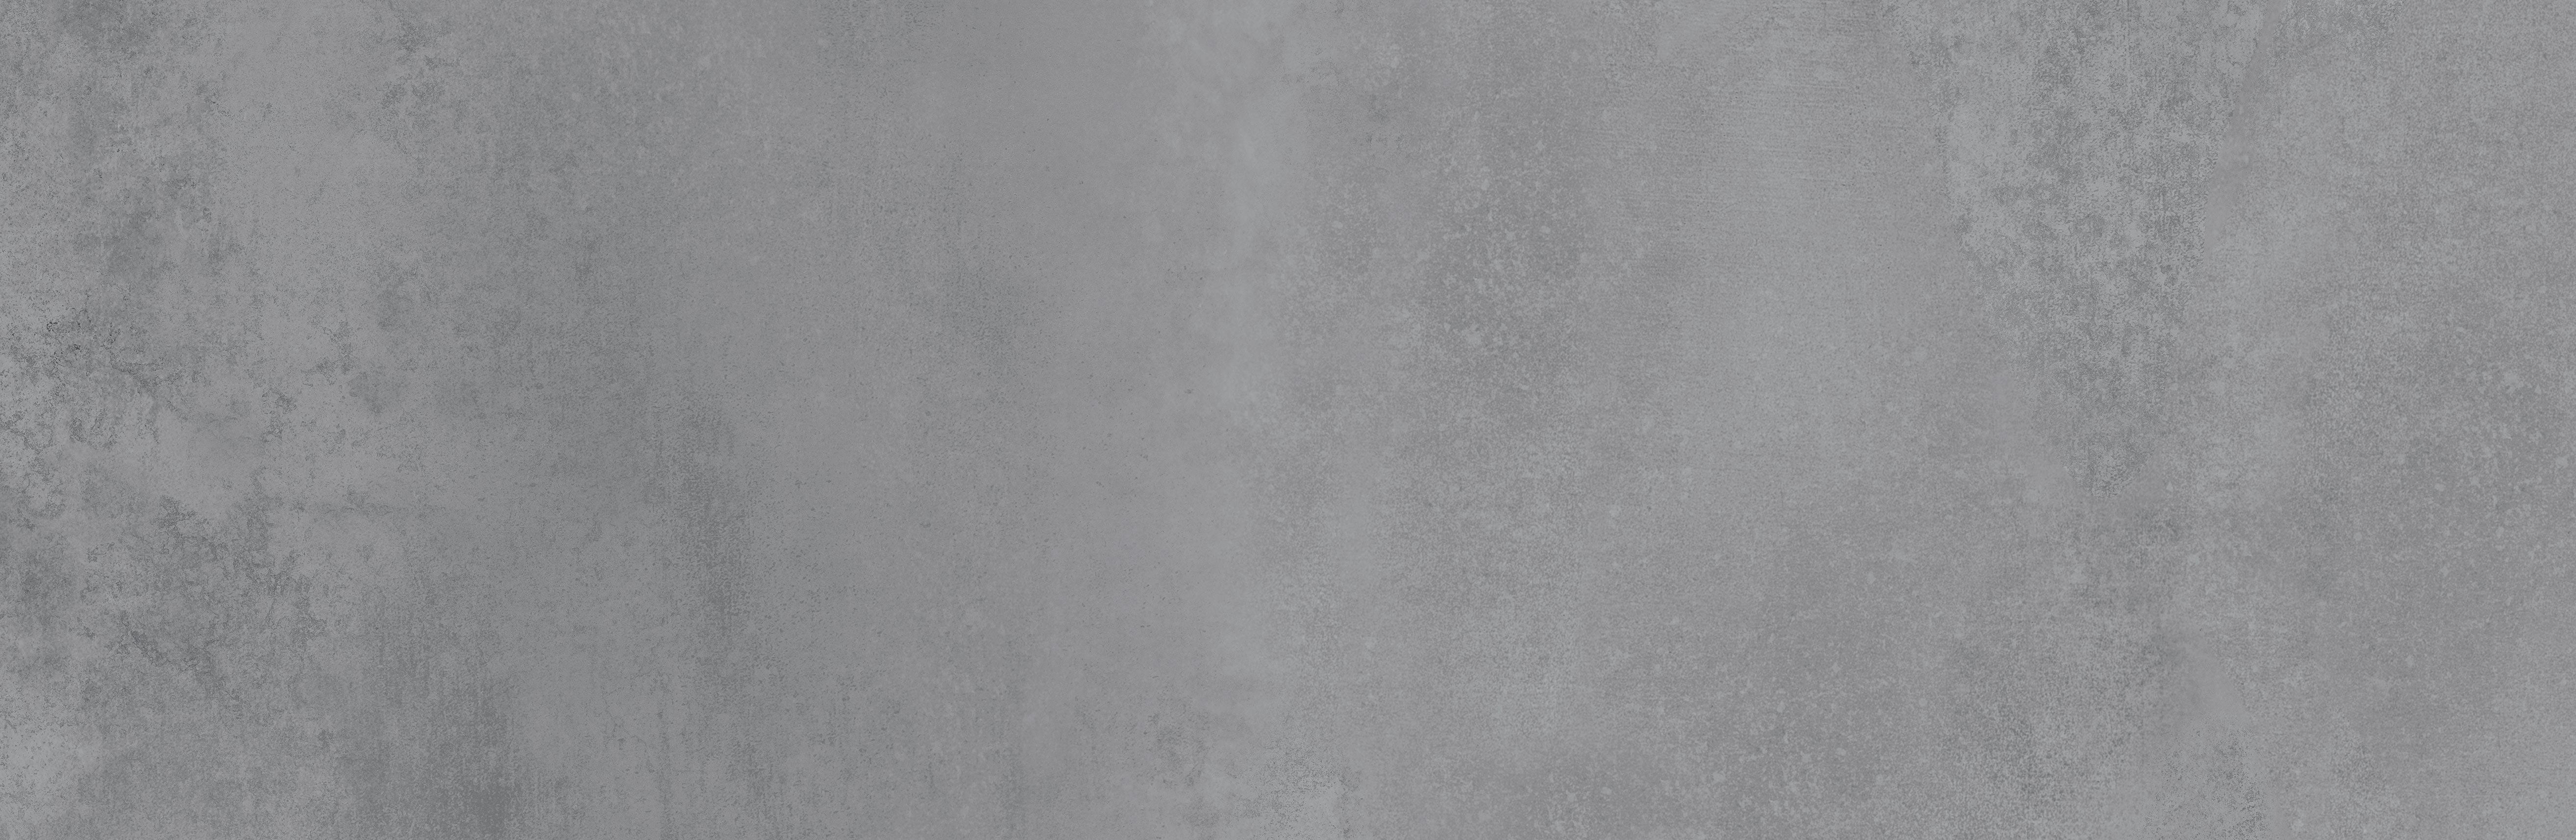 Купить Керамическая плитка Mei Concrete Stripes серый (O-CON-WTA091) настенная 29x89, Россия